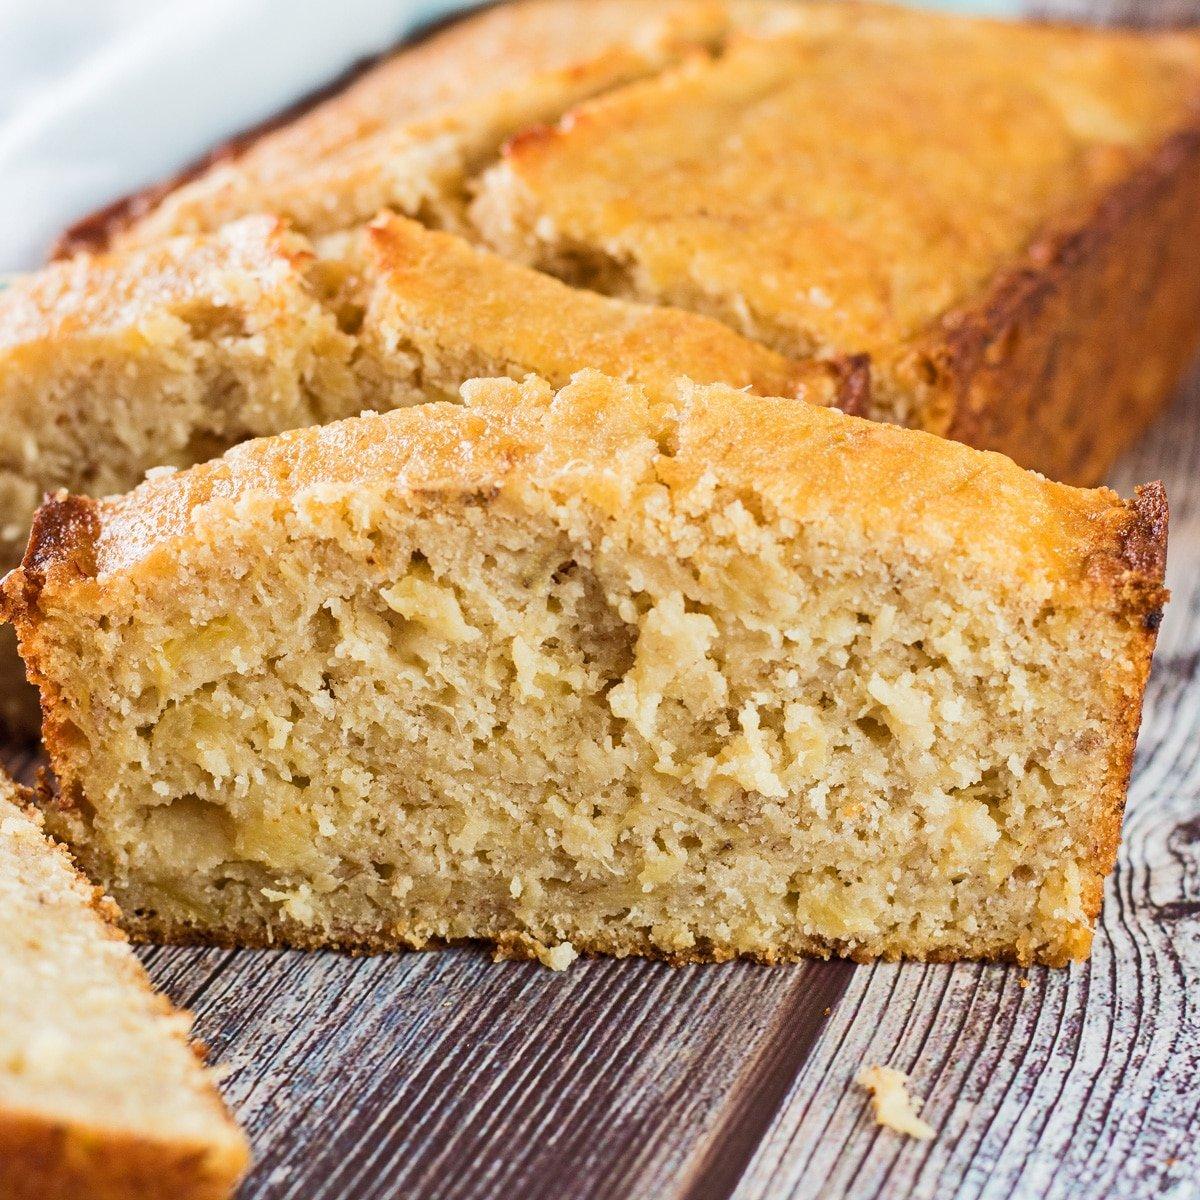 Sliced pineapple banana bread on wooden grain background.